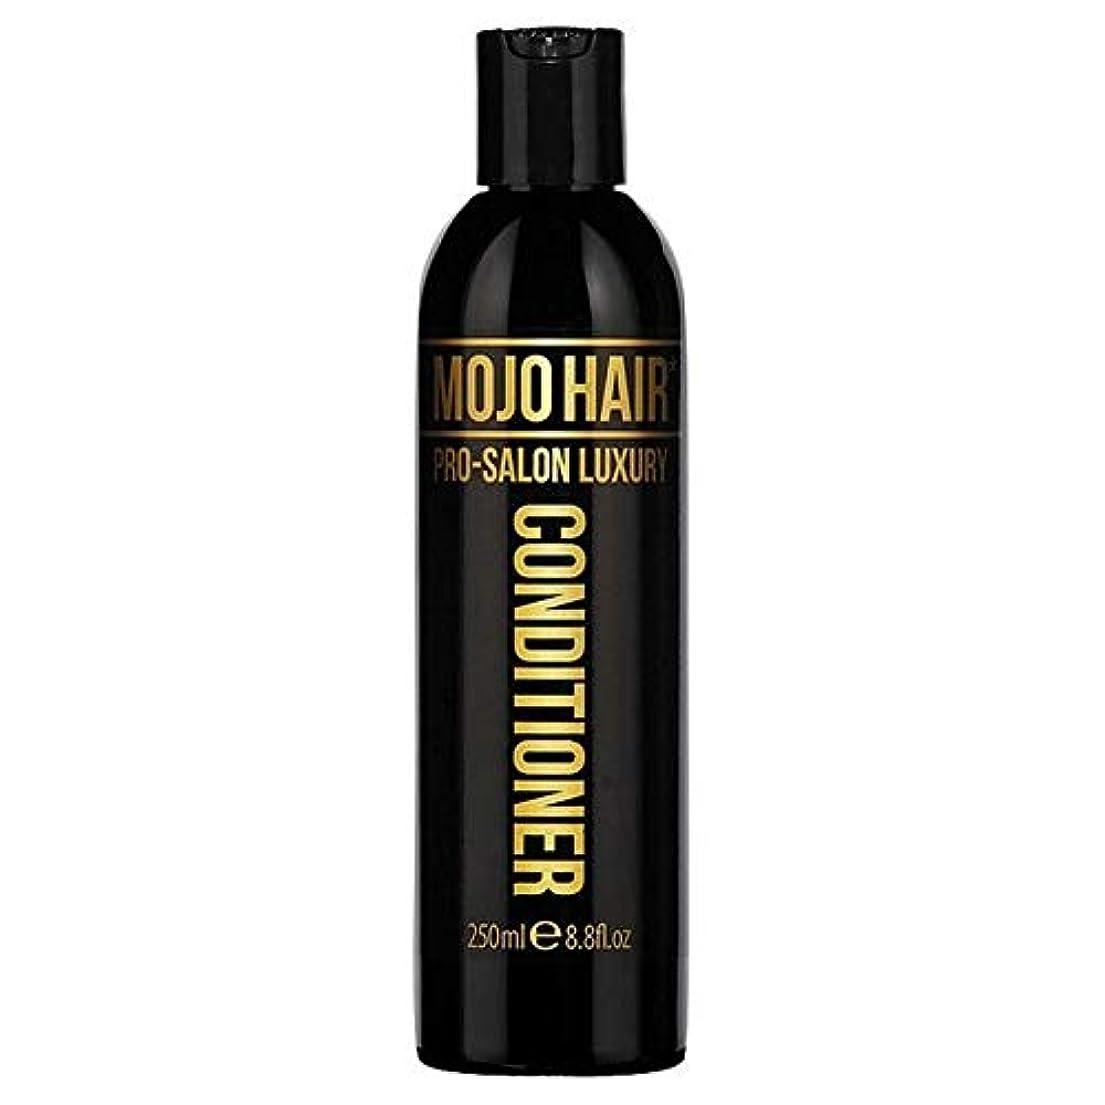 事業内容動物園内陸[Mojo ] 男性プロサロン高級フレグランス250ミリリットルのためのモジョのヘアコンディショナー - MOJO HAIR Conditioner for Men Pro-Salon Luxury Fragrance...